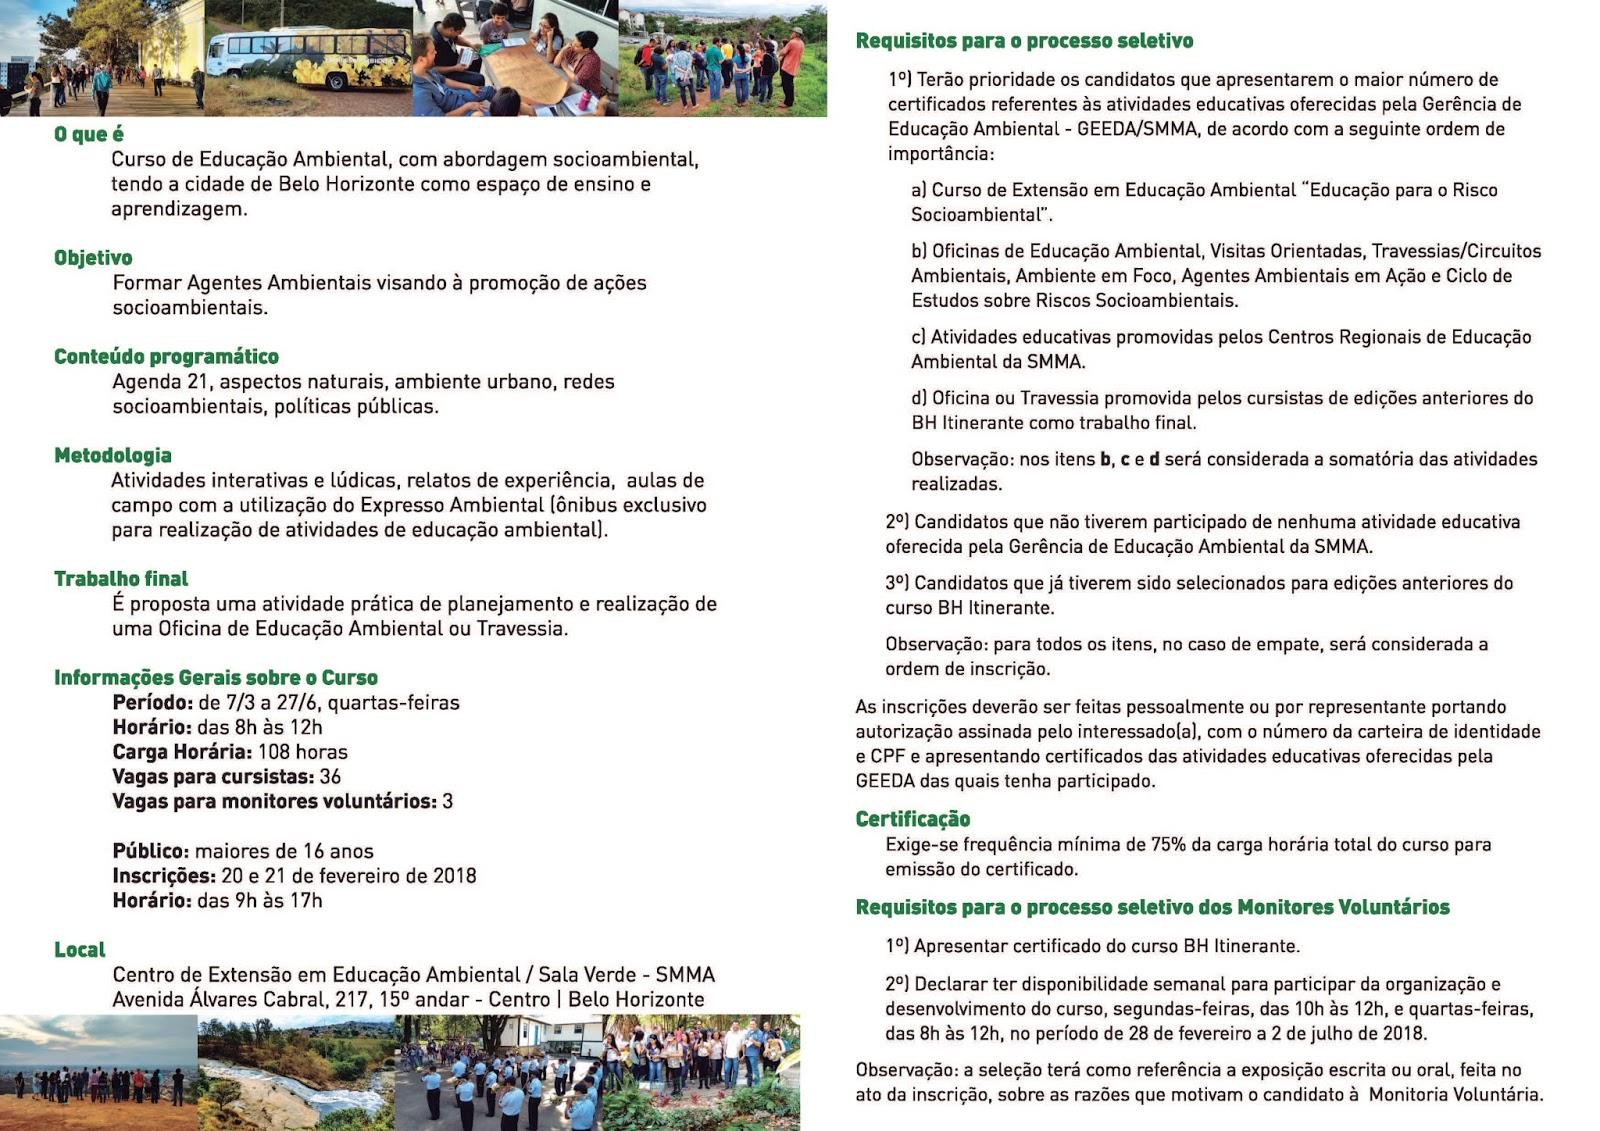 Extremamente Biologia na Rede: 36º Curso de Extensão em Educação Ambiental da PBH LO99